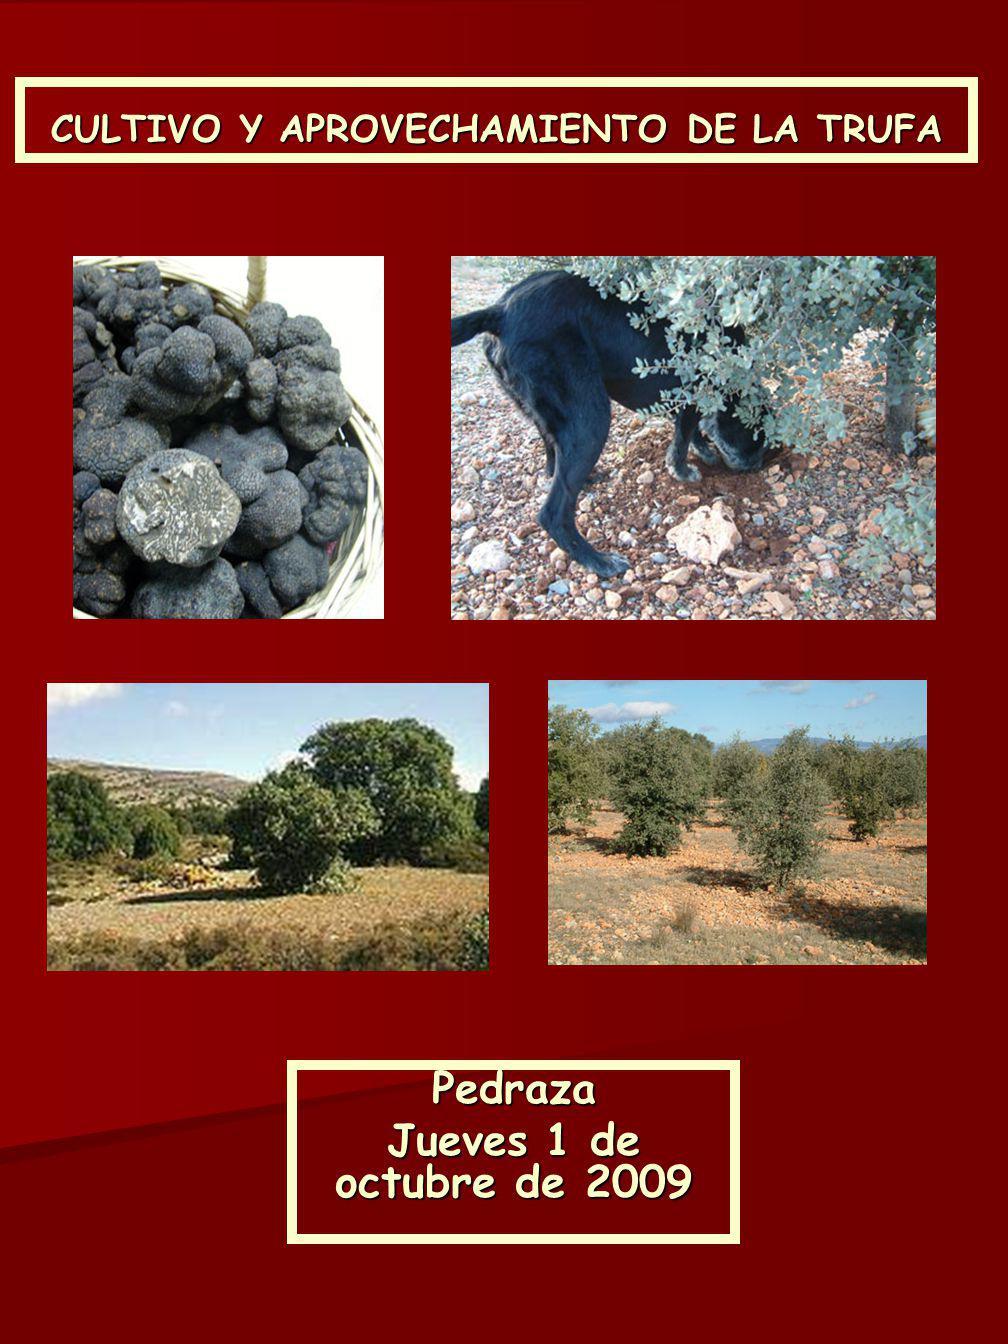 Pedraza Jueves 1 de octubre de 2009 CULTIVO Y APROVECHAMIENTO DE LA TRUFA